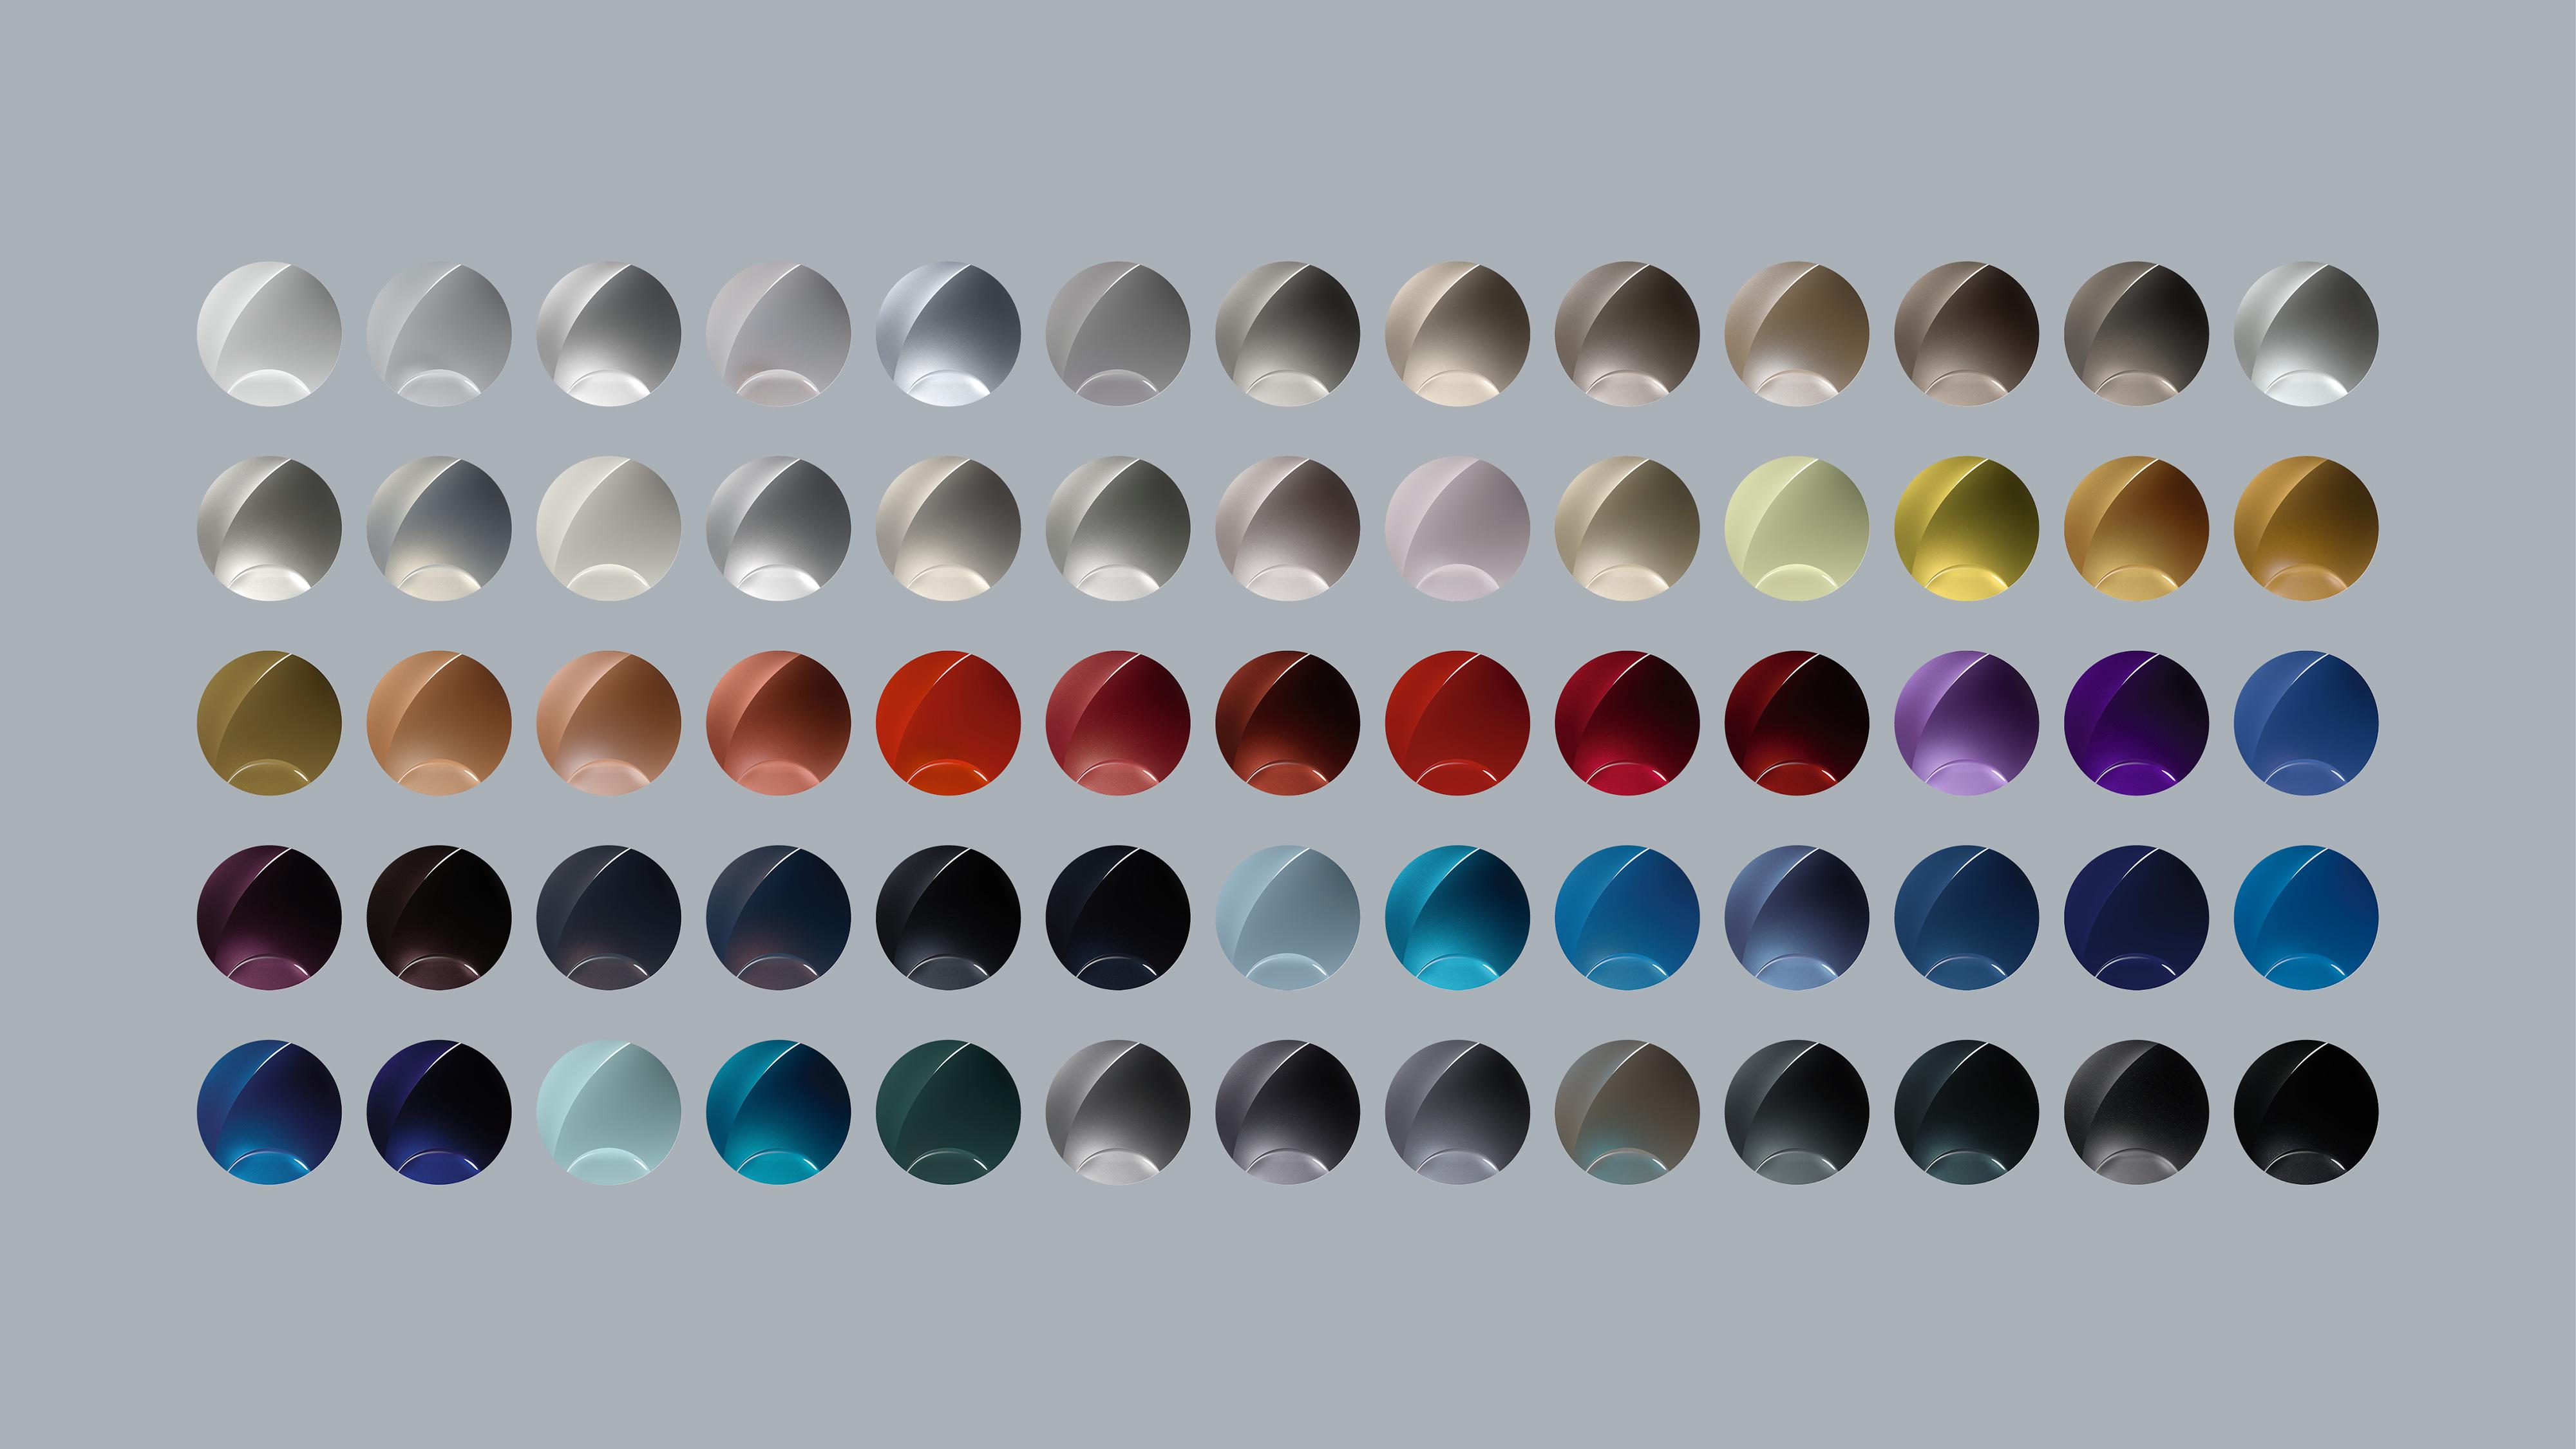 Otomotiv renk trendleri geleceği şekillendiriyor